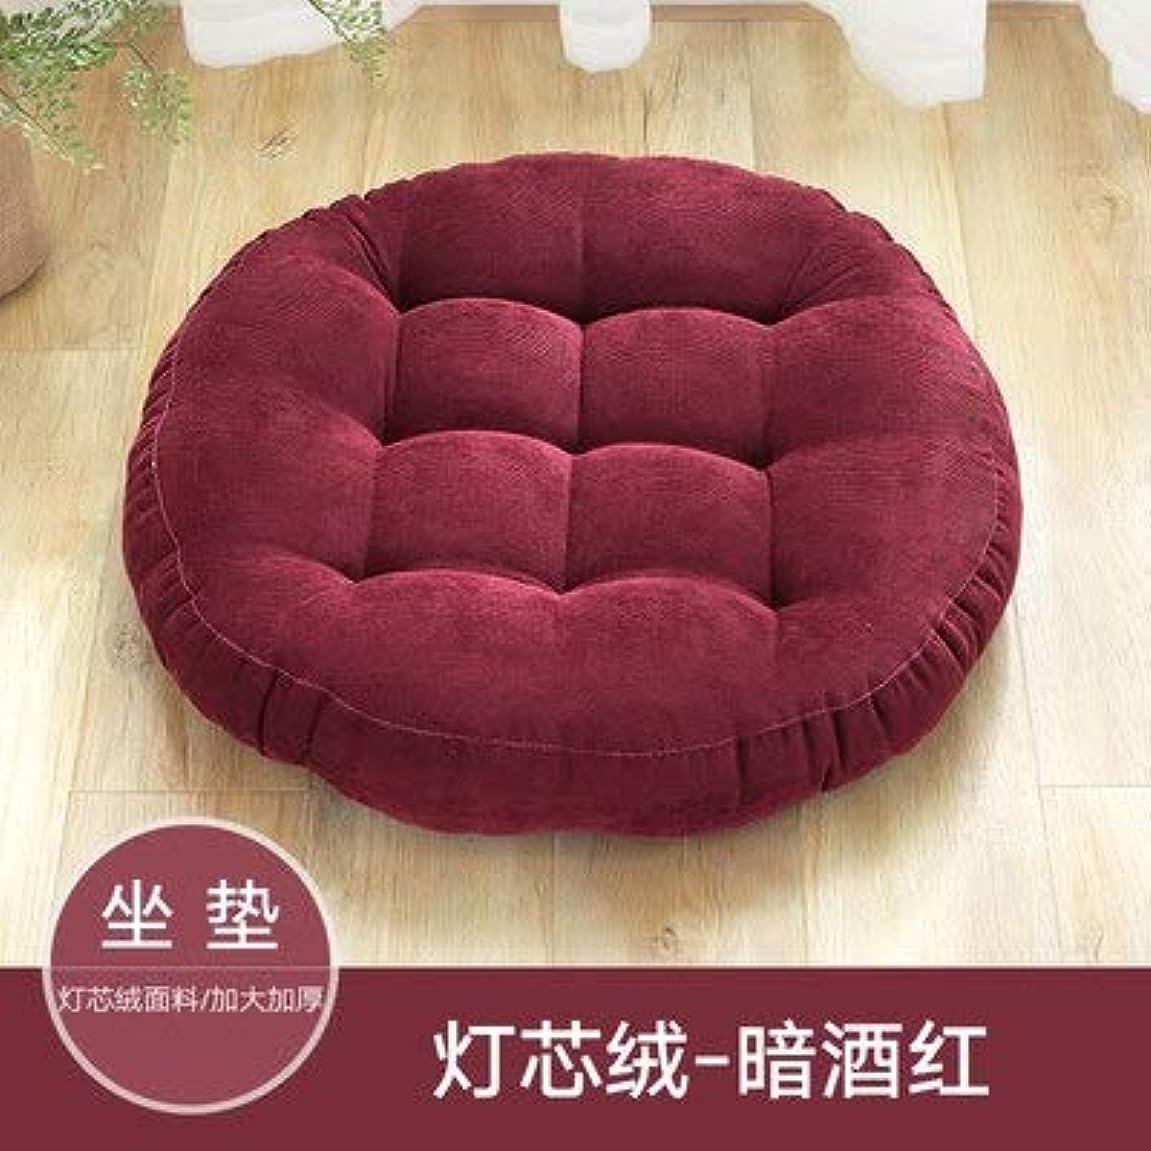 差し迫ったミスペンド残酷LIFE ラウンド厚い椅子のクッションフロアマットレスシートパッドソフトホームオフィスチェアクッションマットソフトスロー枕最高品質の床クッション クッション 椅子